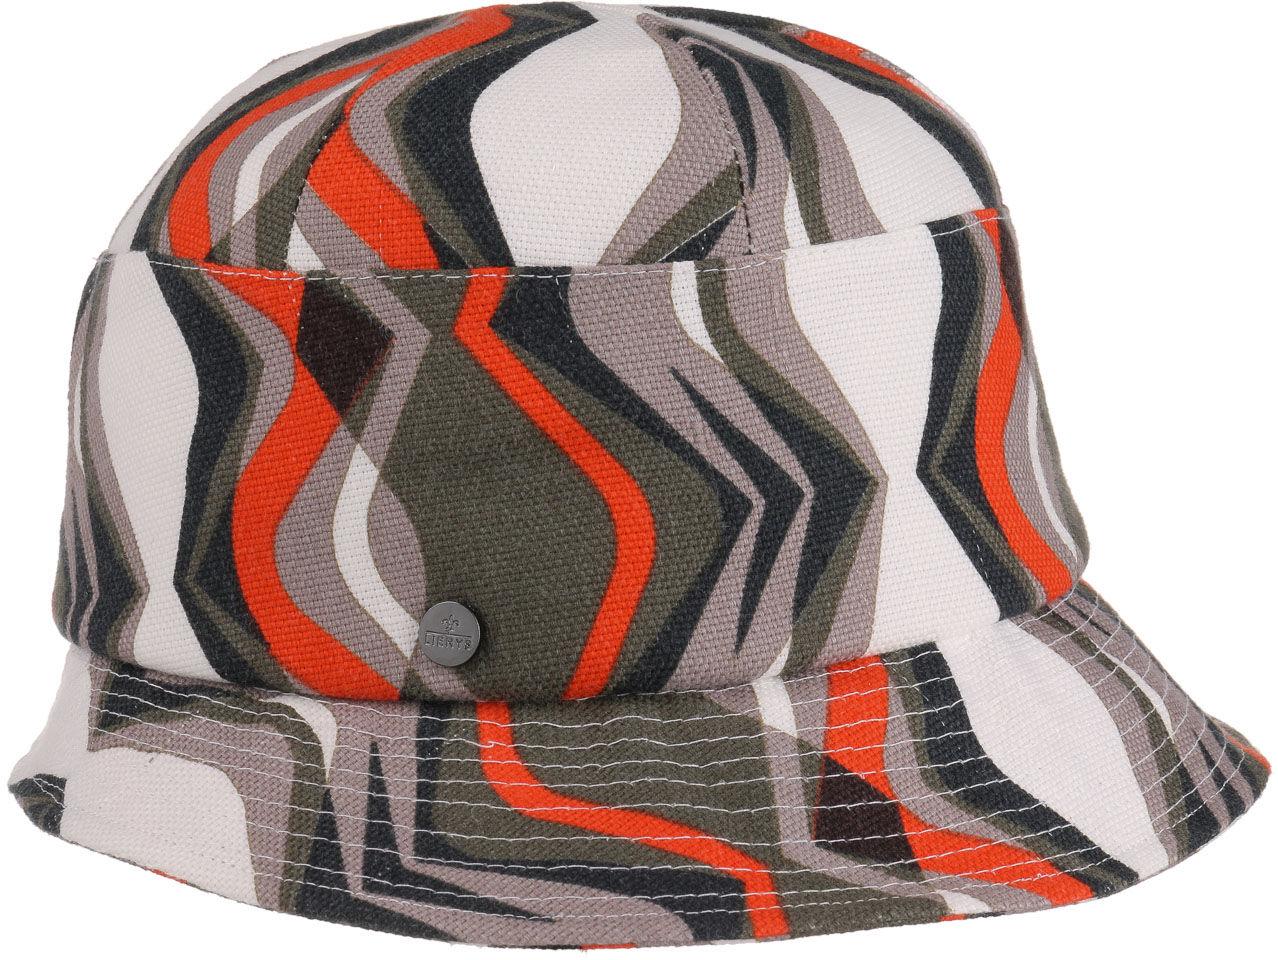 Kapelusz Tekstylny Vintage Stripes by Lierys, biały, One Size